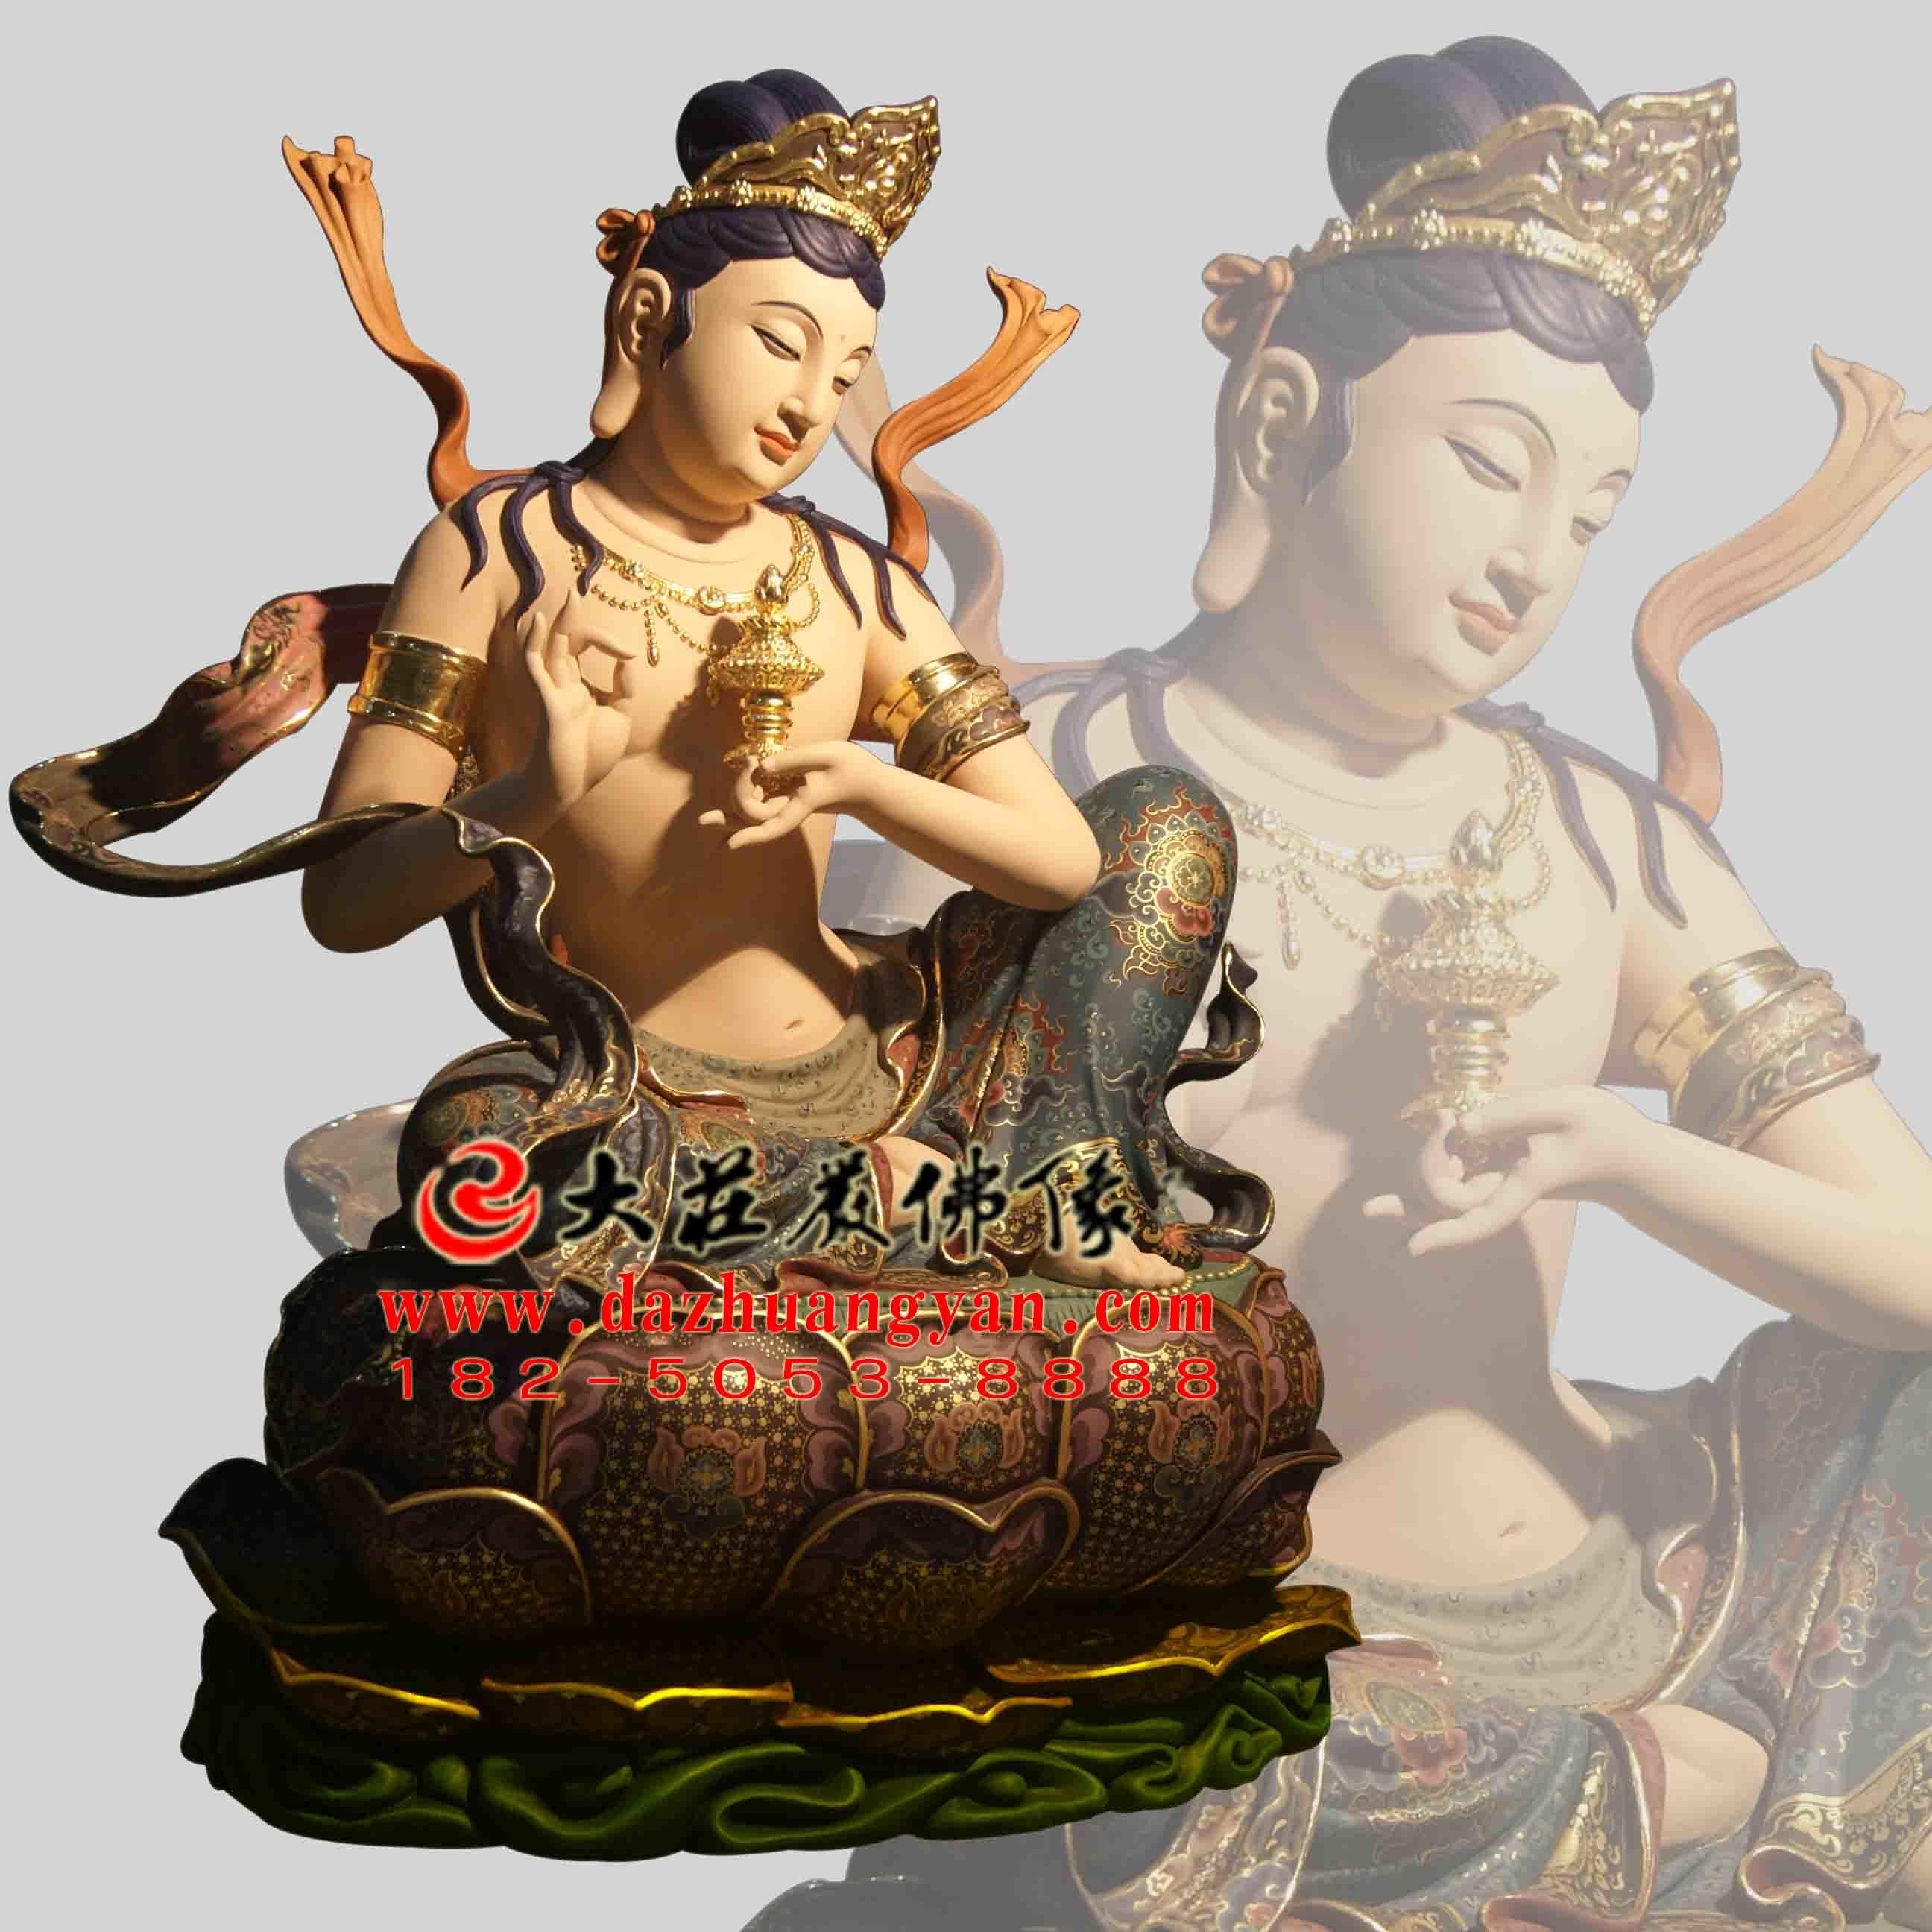 生漆脱胎供养菩萨彩绘佛像右侧像